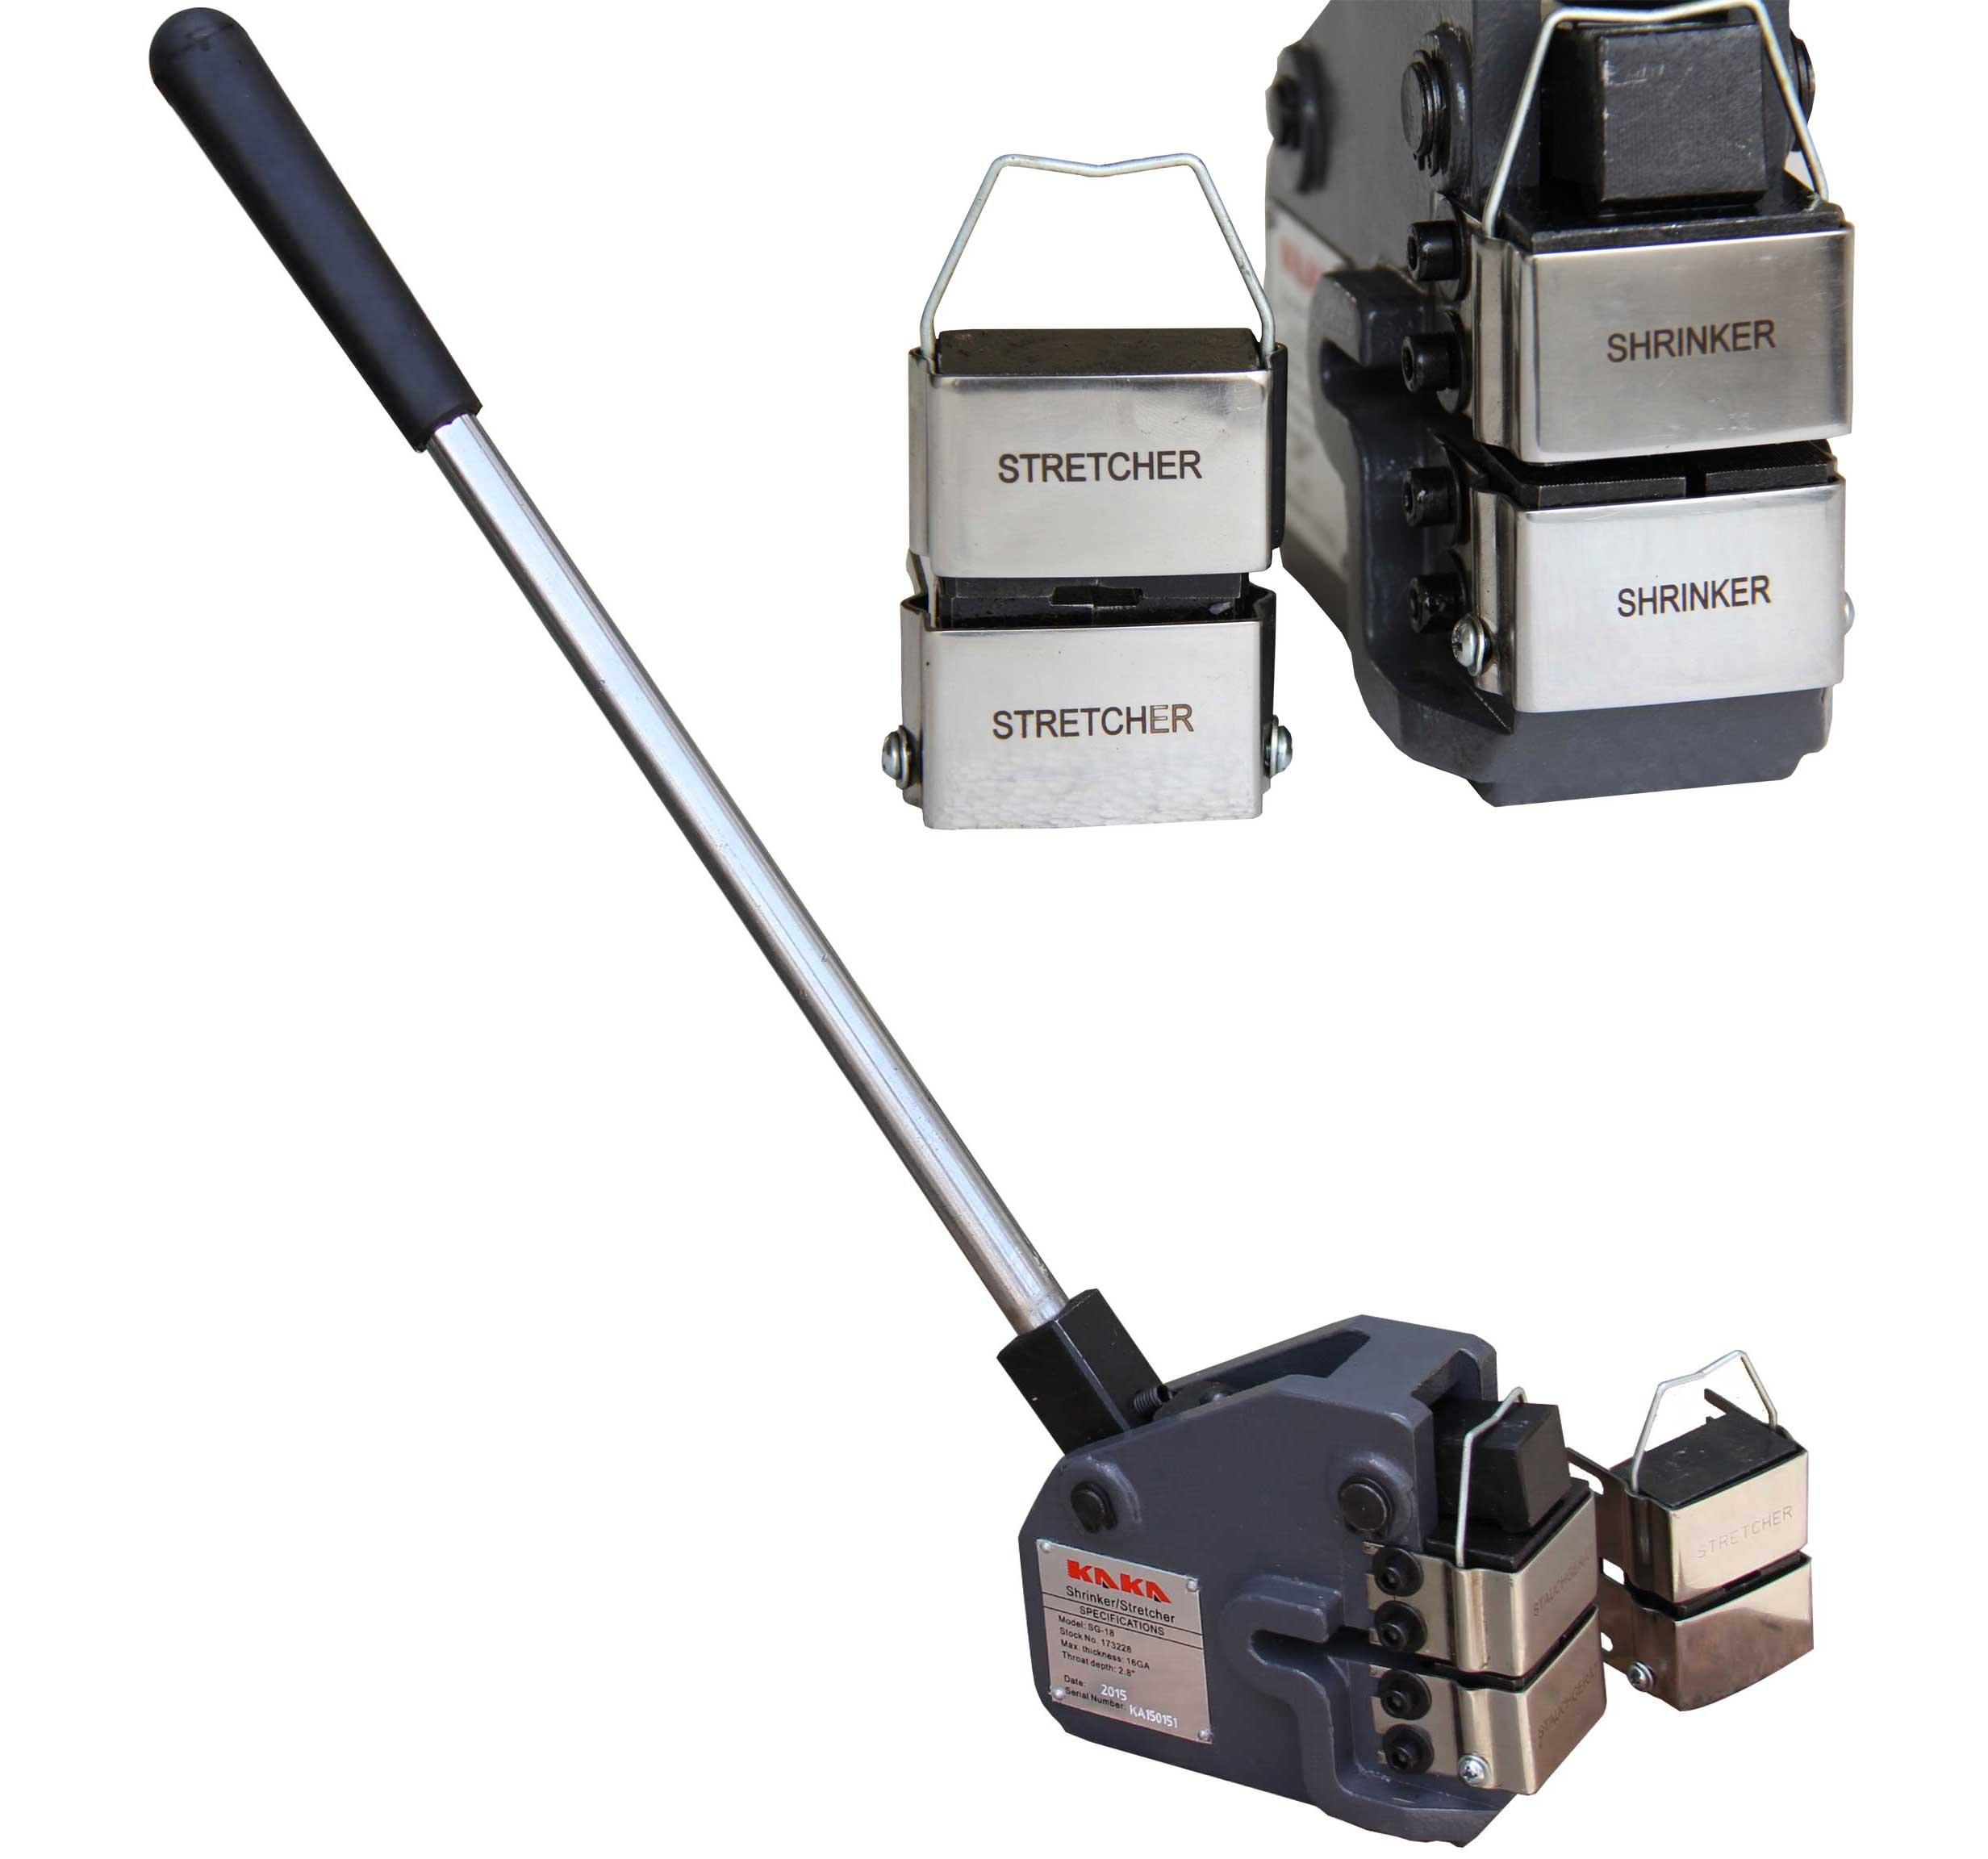 KAKA Industrial SG-18 Metal Shrinker Stretcher, 16-Gauge Mild Steel Metal Stretcher, Cast Iron Shrinker Stretcher